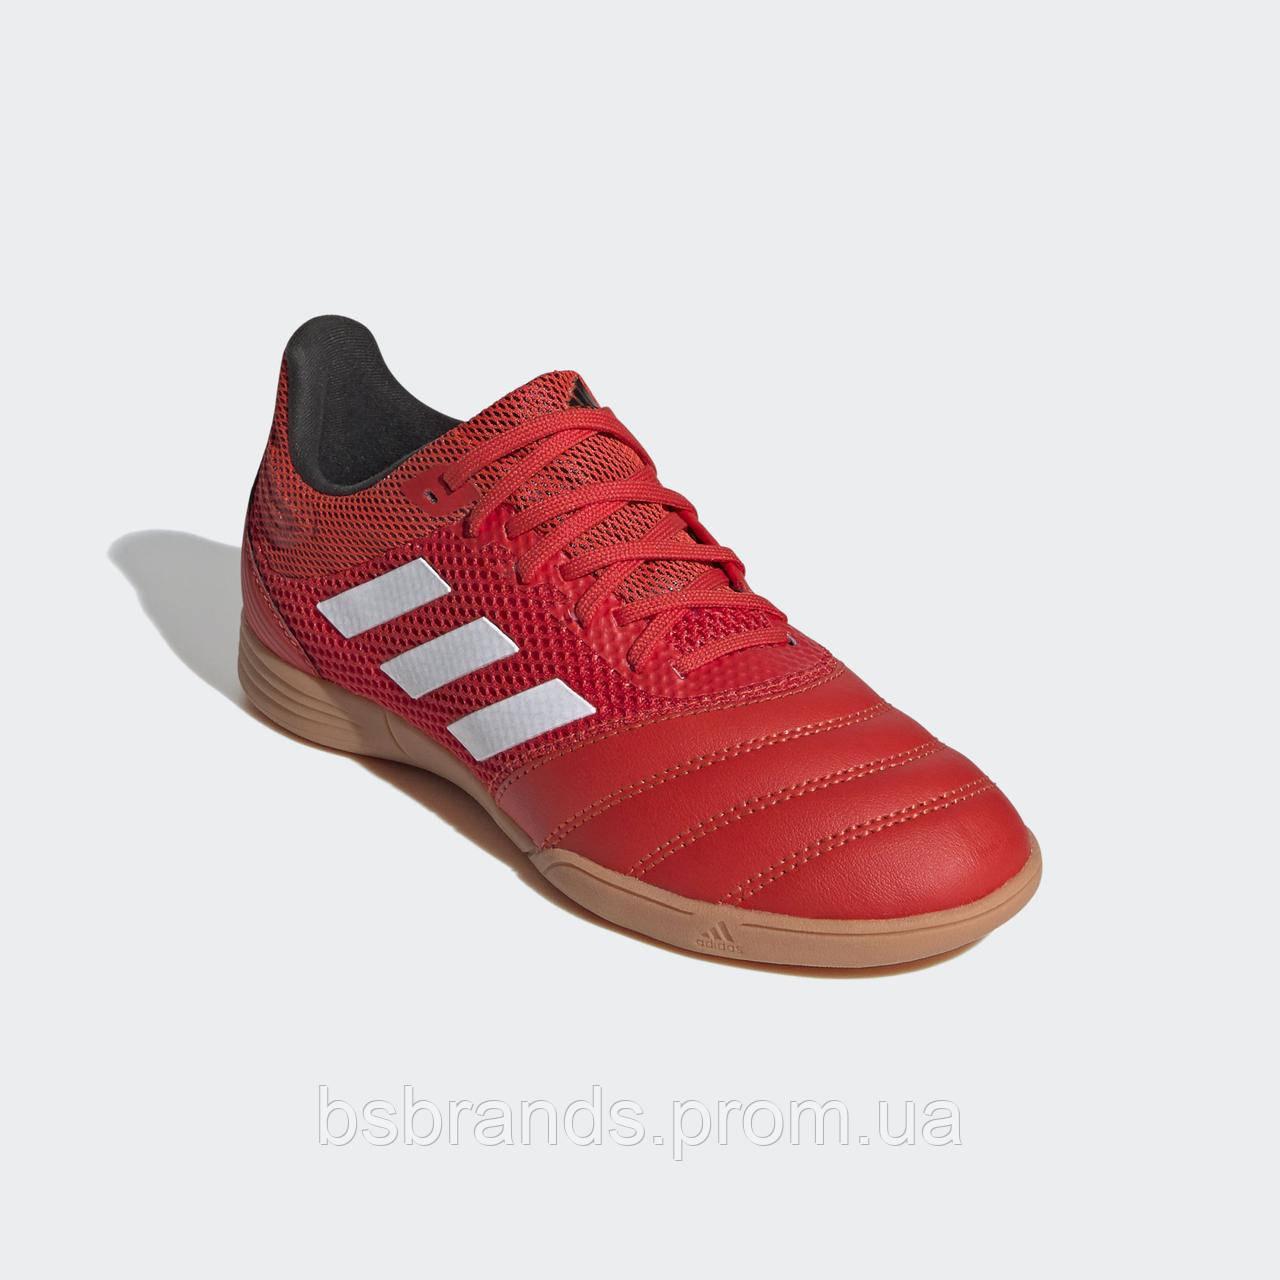 Детские футбольные бутсы (футзалки) adidas Copa 20.3 IN Sala EF1915 (2020/1)